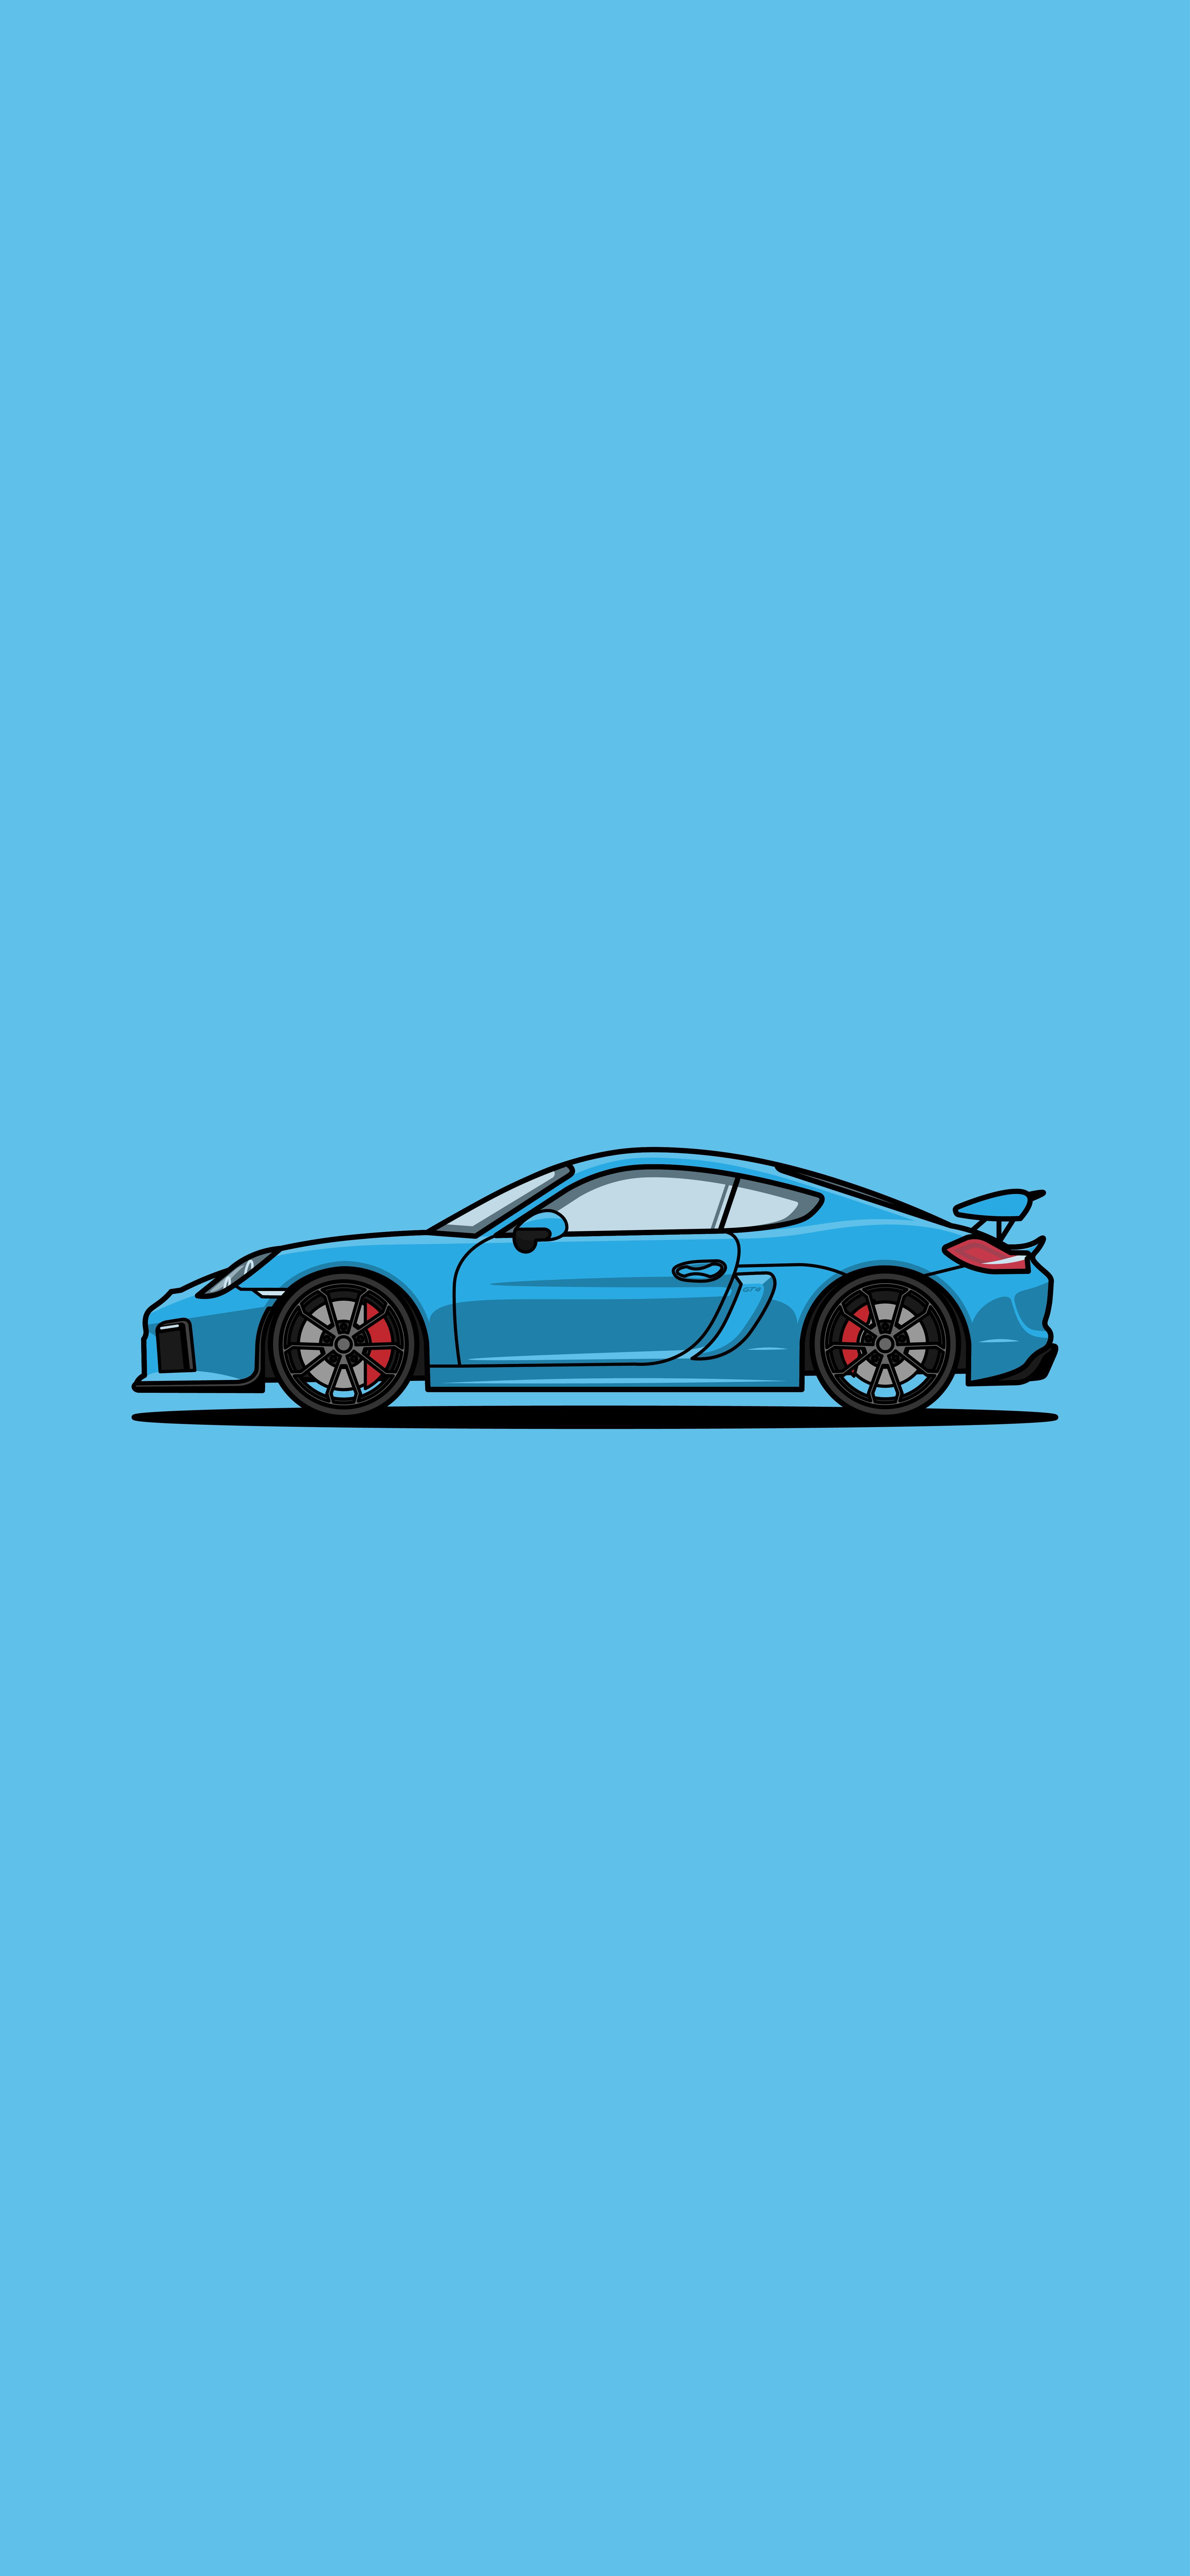 Porsche Cayman Gt4 Car Iphone Wallpaper Porsche Porsche Wallpaper Iphone